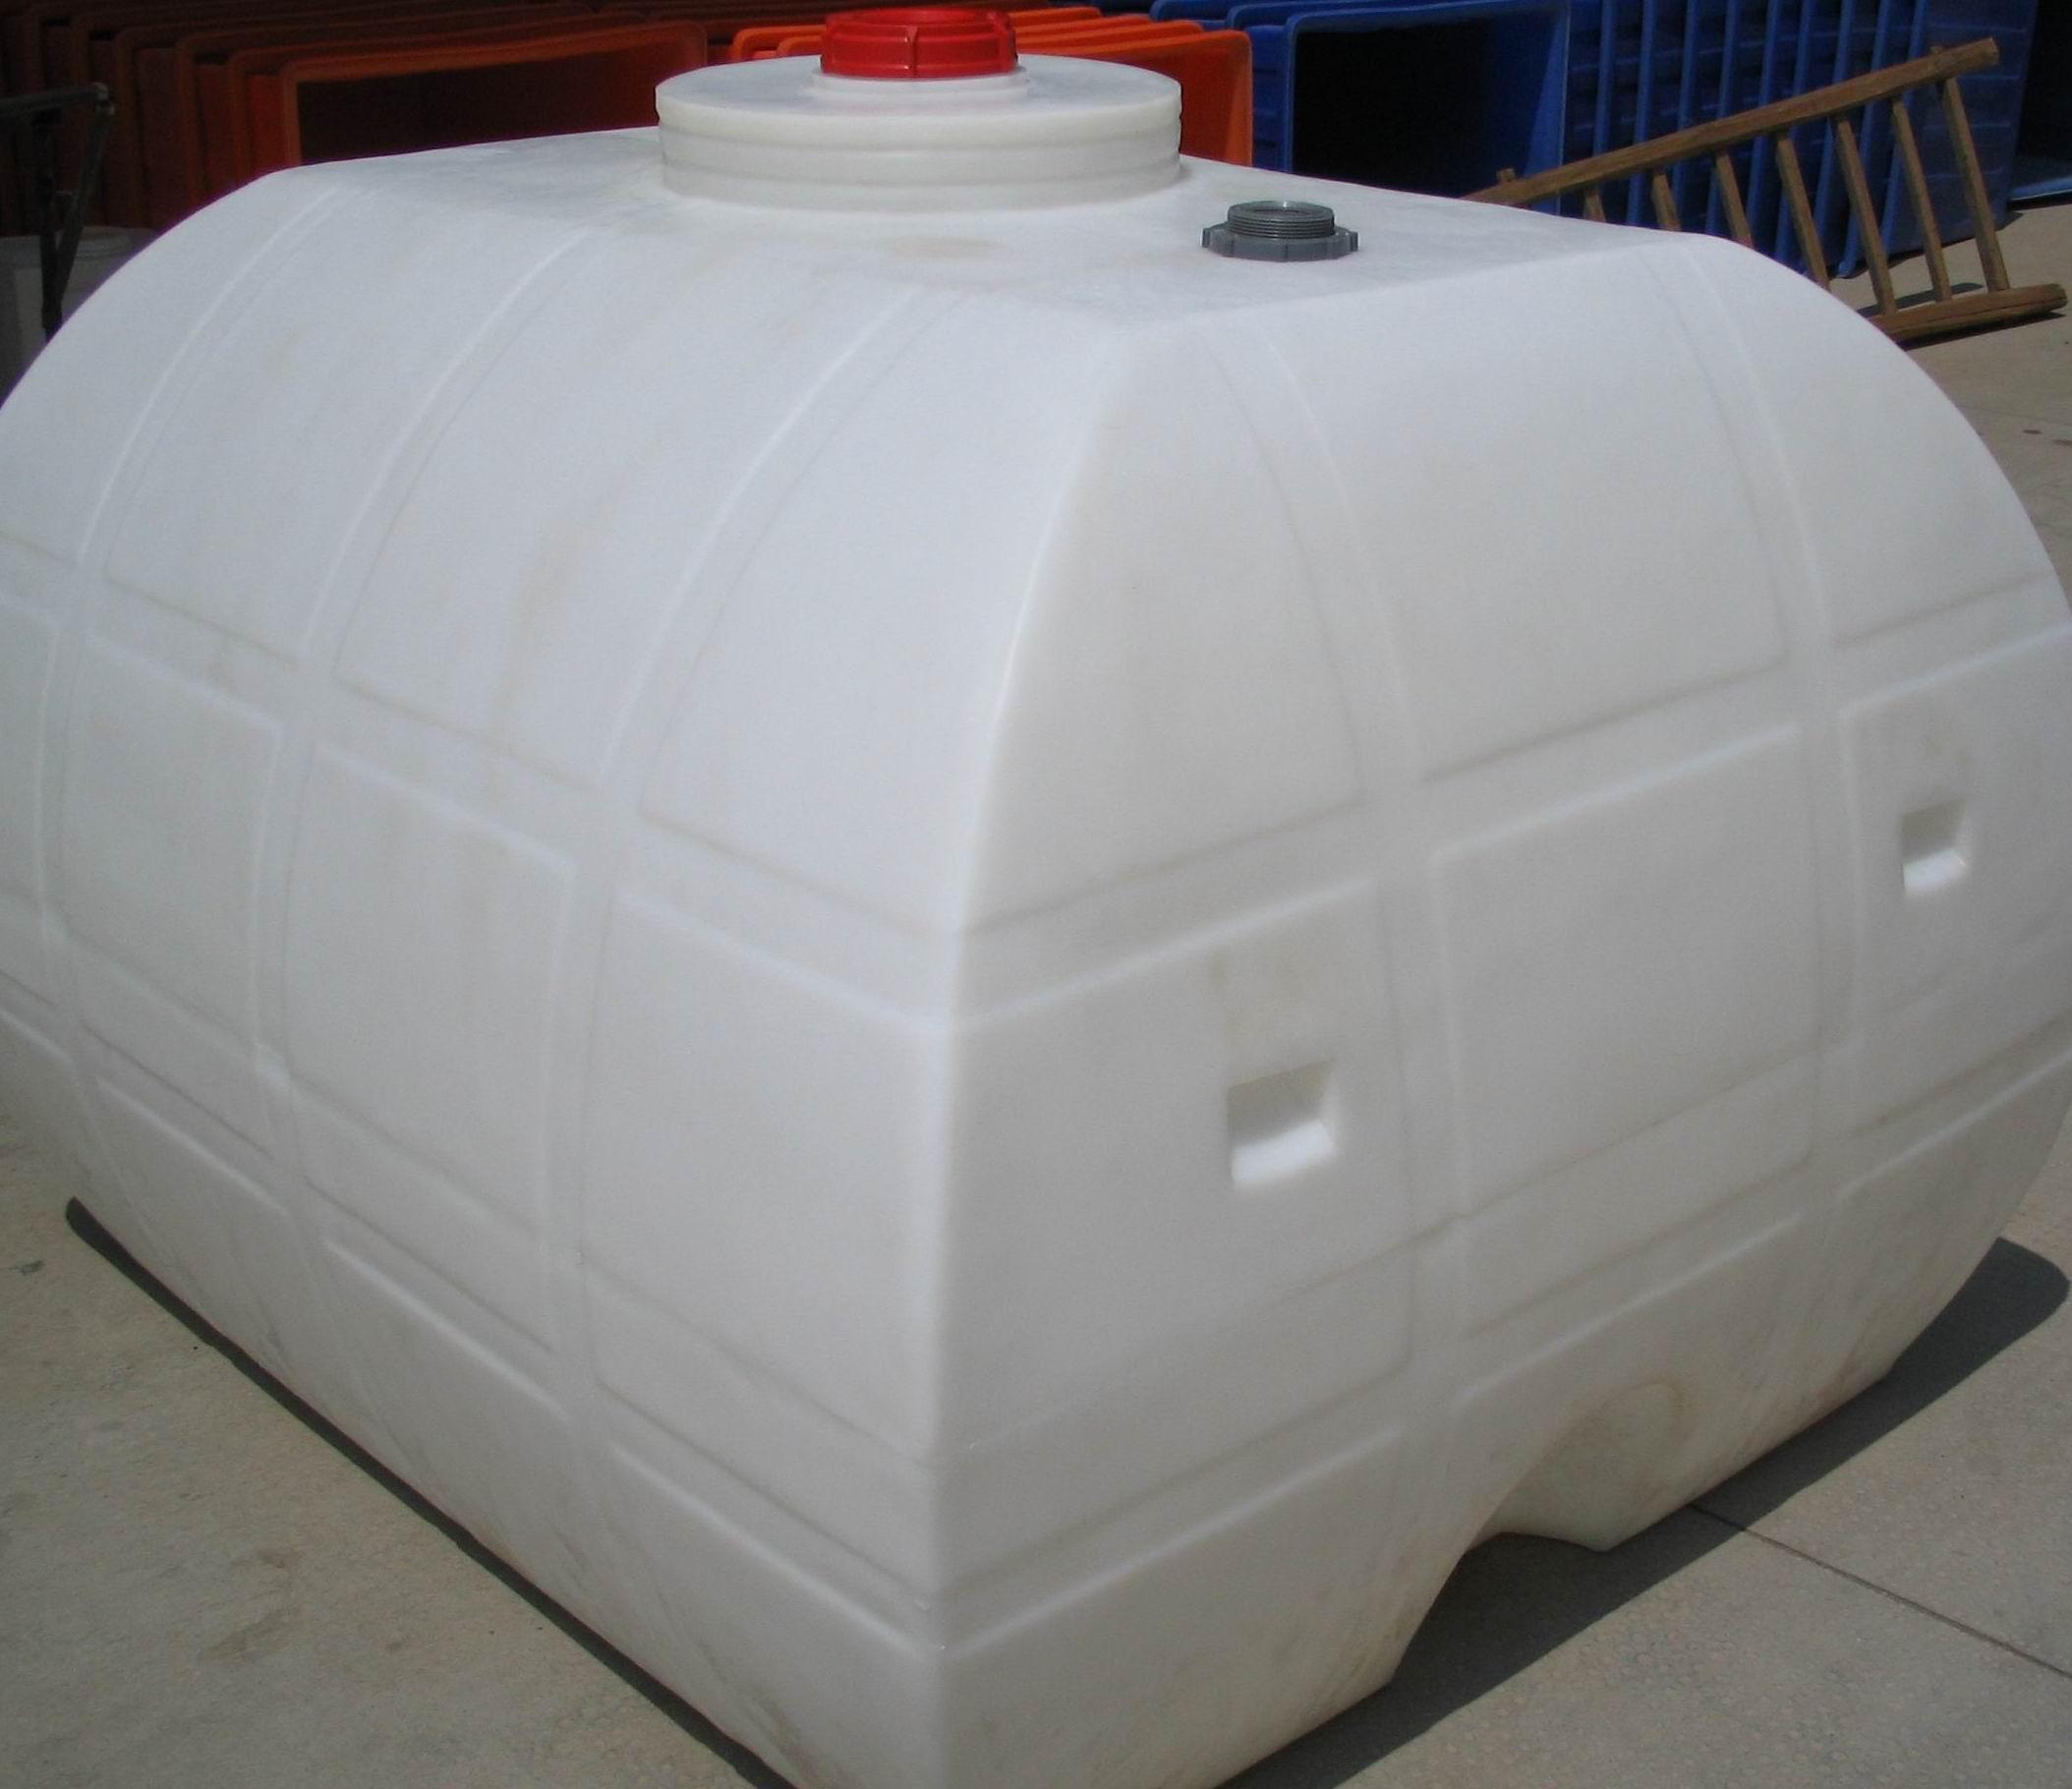 プラスチック 水平 化学工業 タンク